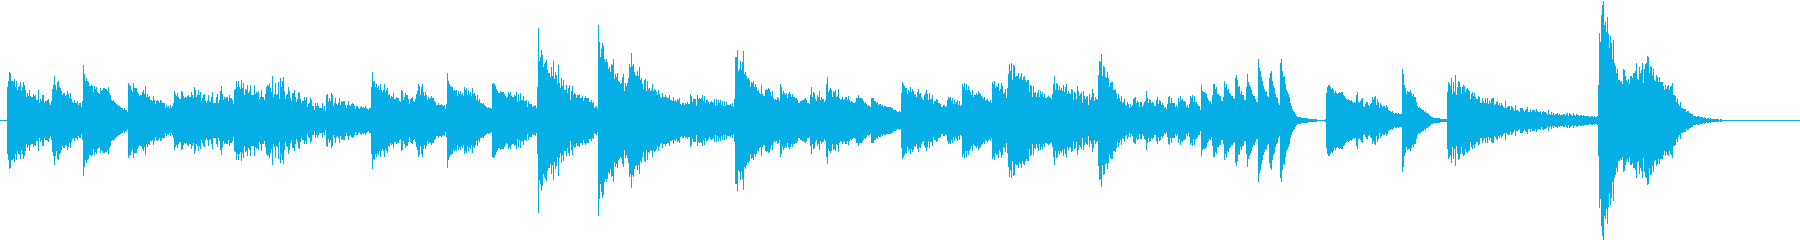 猫動画に♪おしゃれなジャズピアノジングルの再生済みの波形